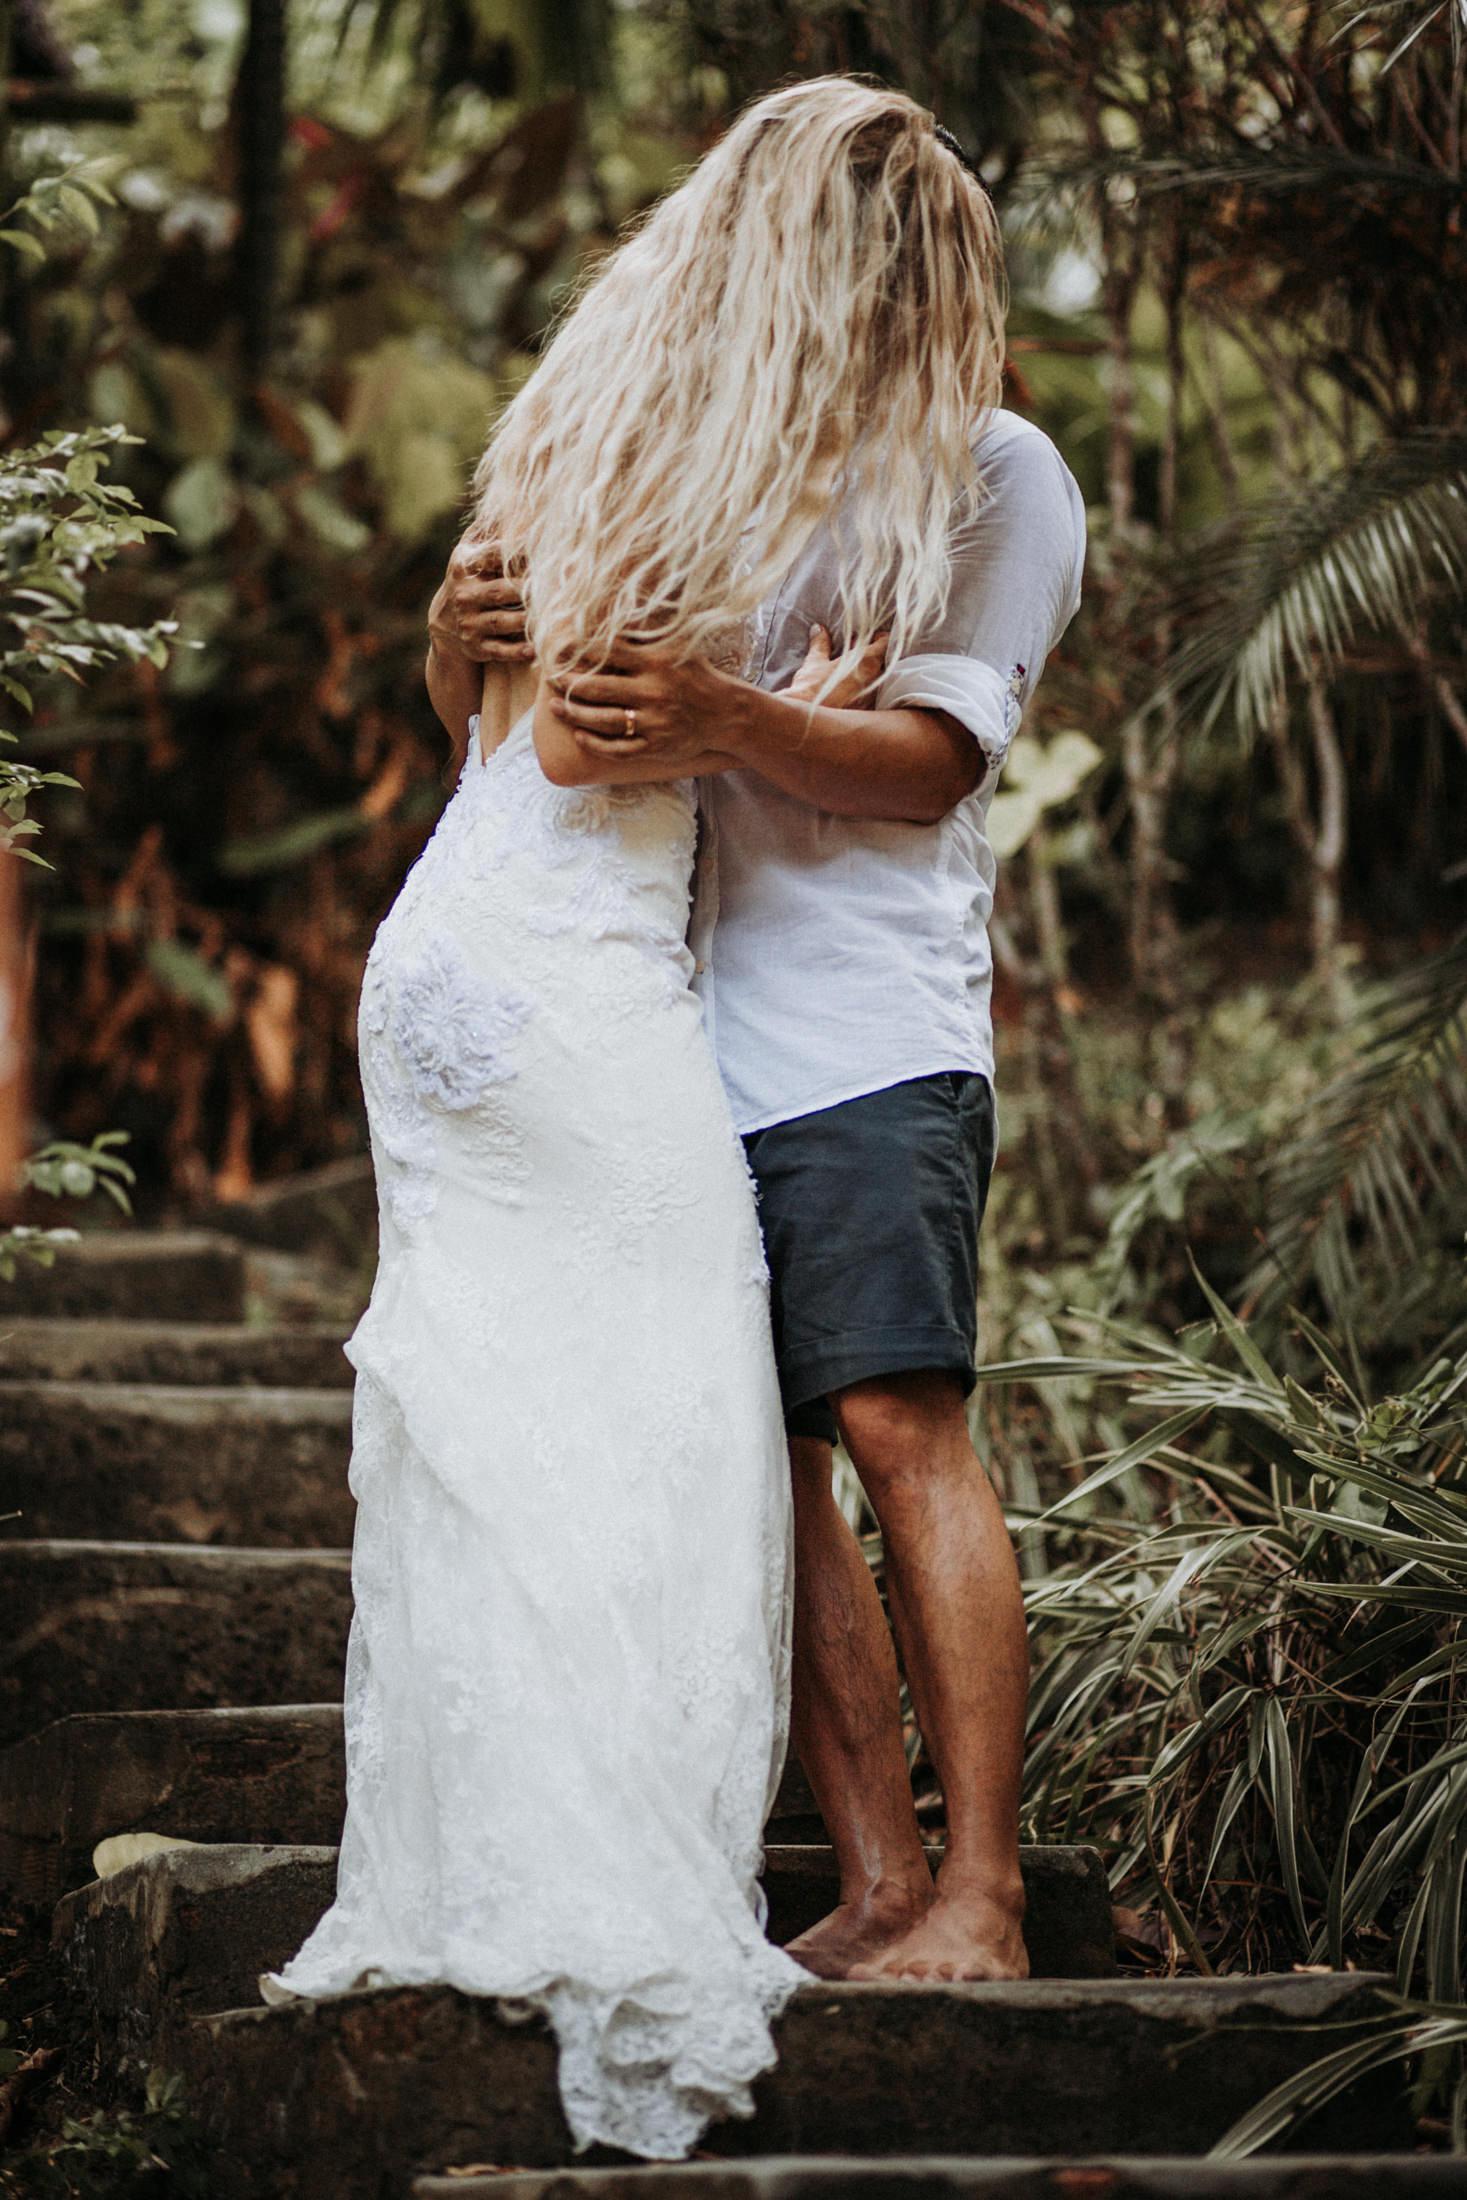 DanielaMarquardt_Wedding_Thailand_462